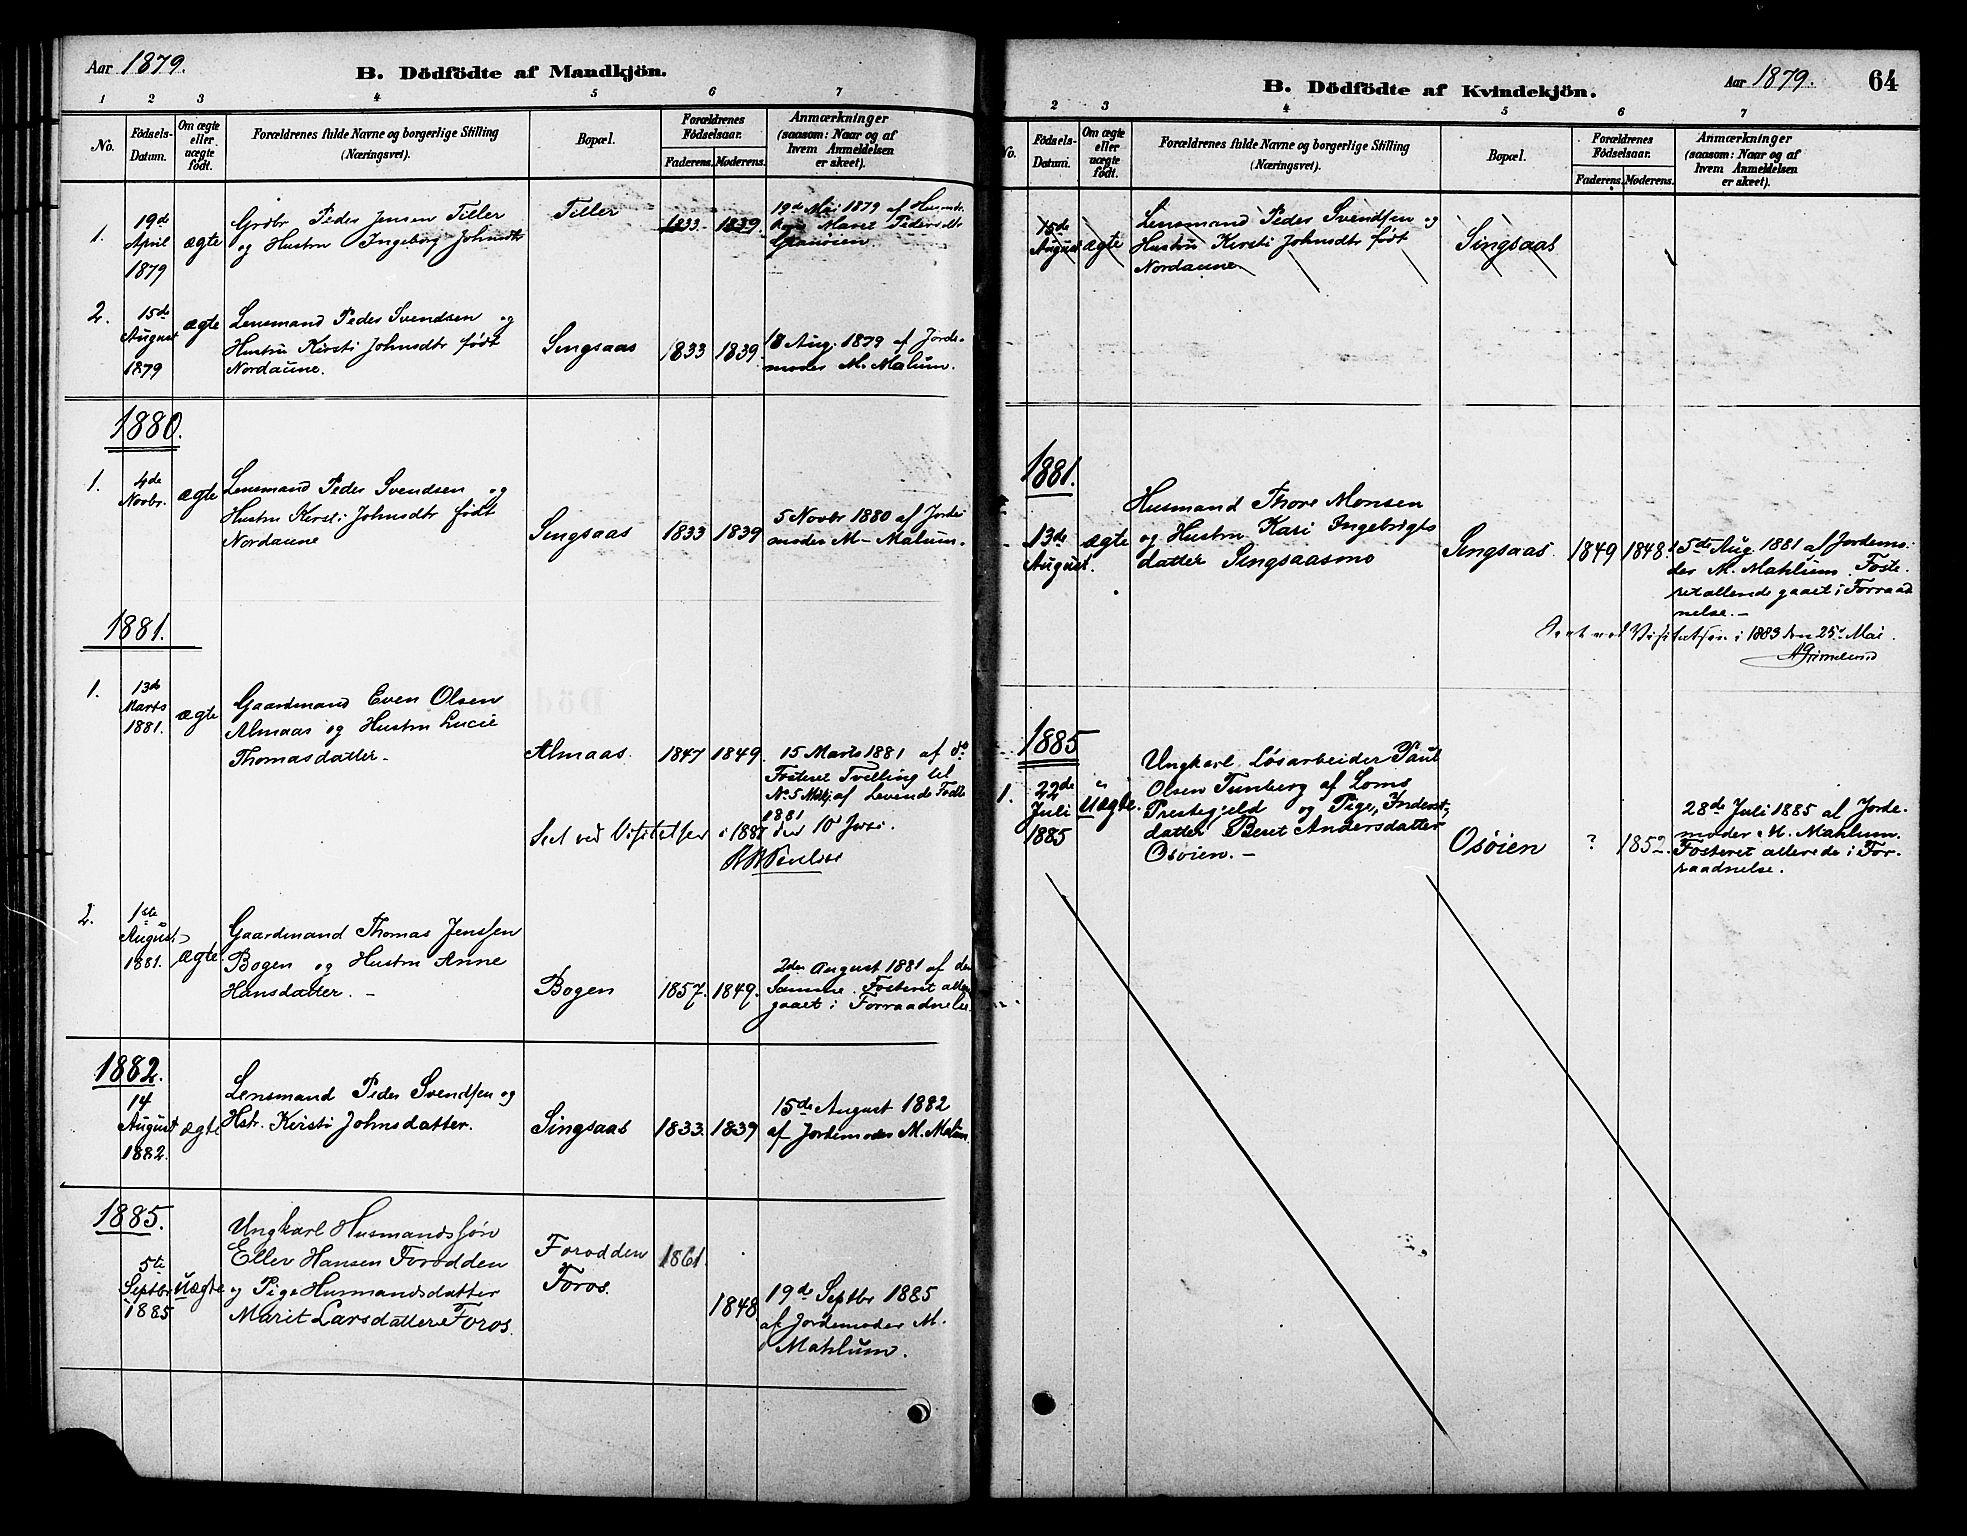 SAT, Ministerialprotokoller, klokkerbøker og fødselsregistre - Sør-Trøndelag, 688/L1024: Ministerialbok nr. 688A01, 1879-1890, s. 64